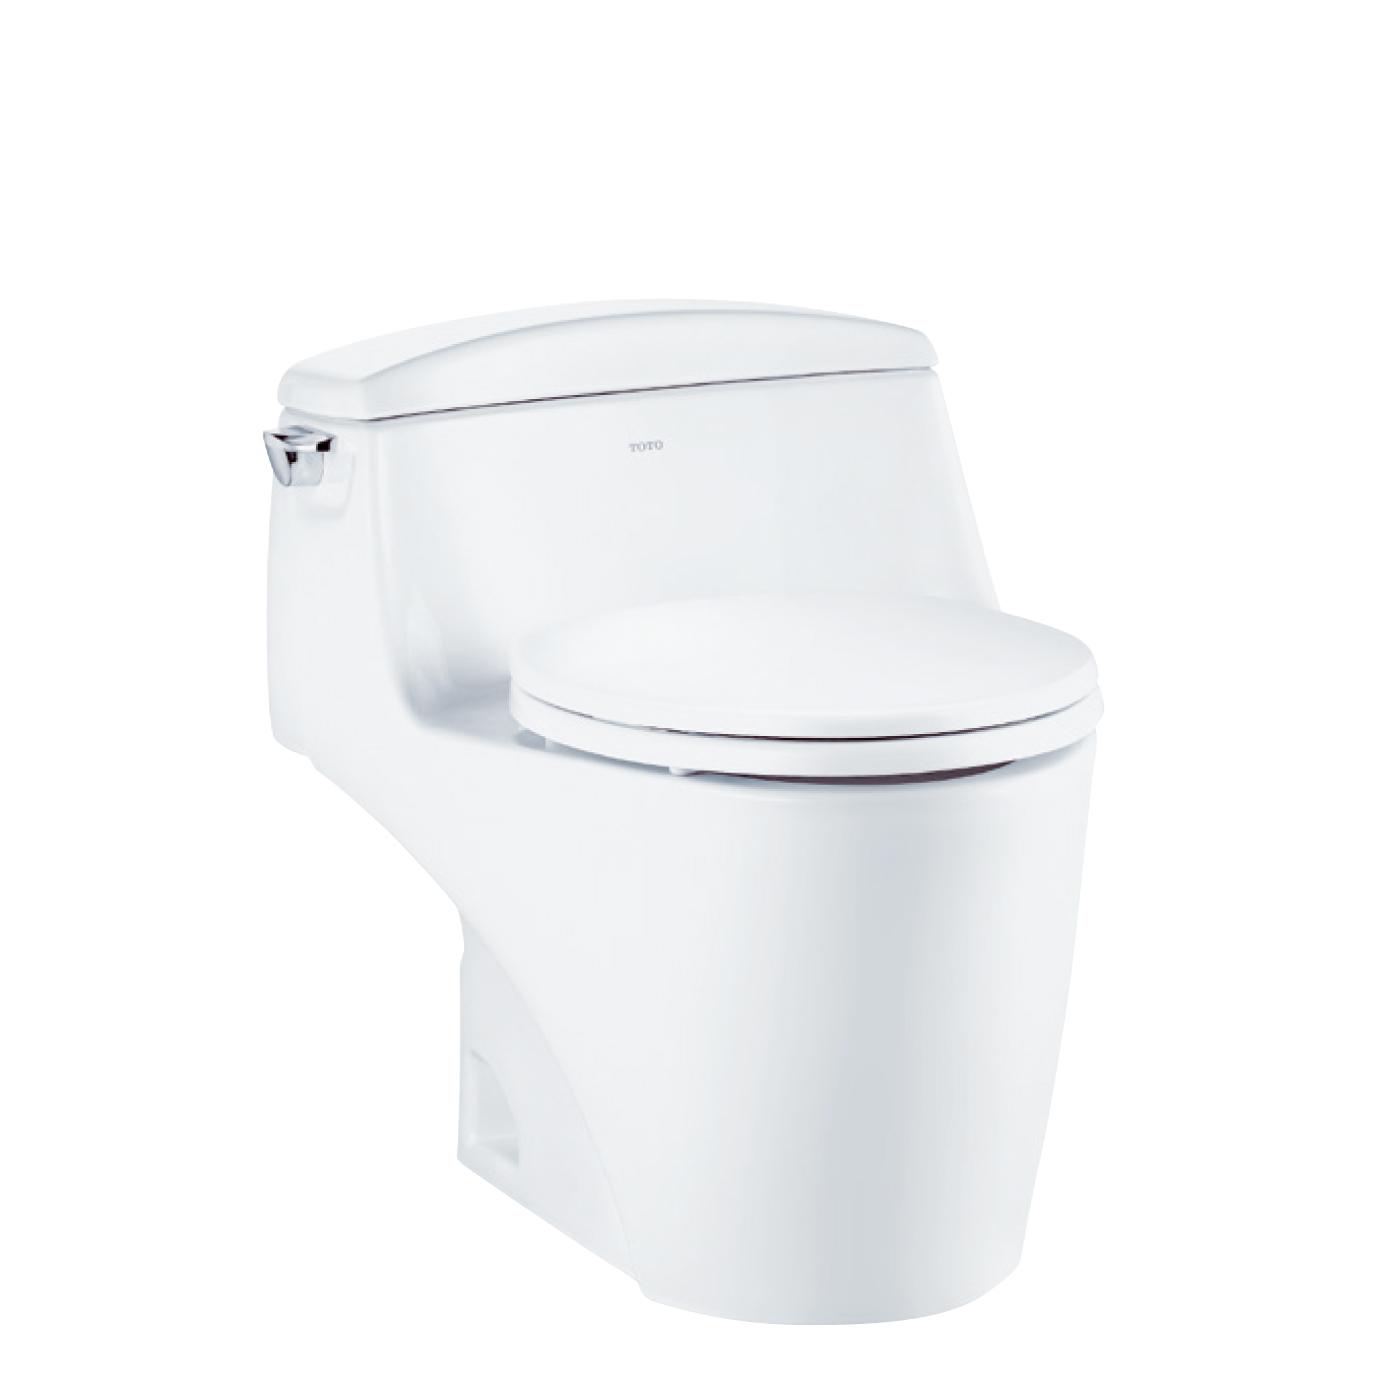 马桶下水口离墙距离